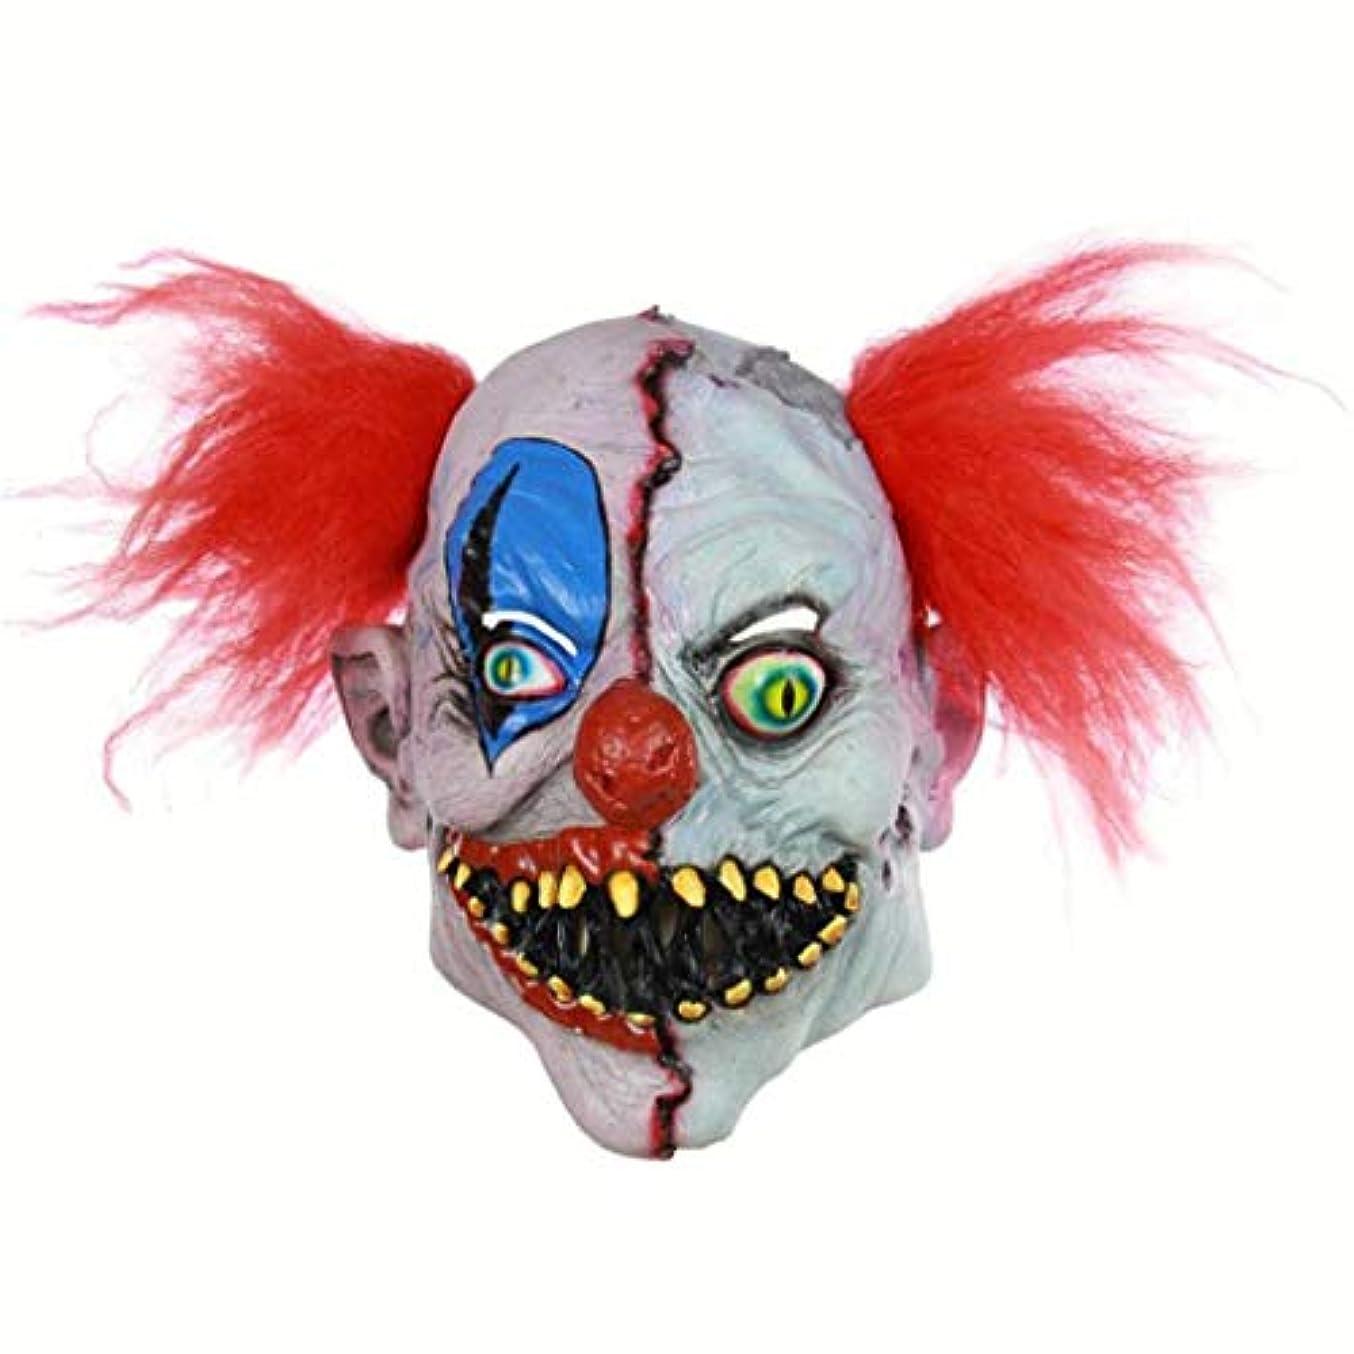 オーケストラひまわり過度にハロウィンホラー腐った顔ピエロラテックスゴーストマスクしかめっ面マスクパーティーマスク映画小道具仮面舞踏会マスク